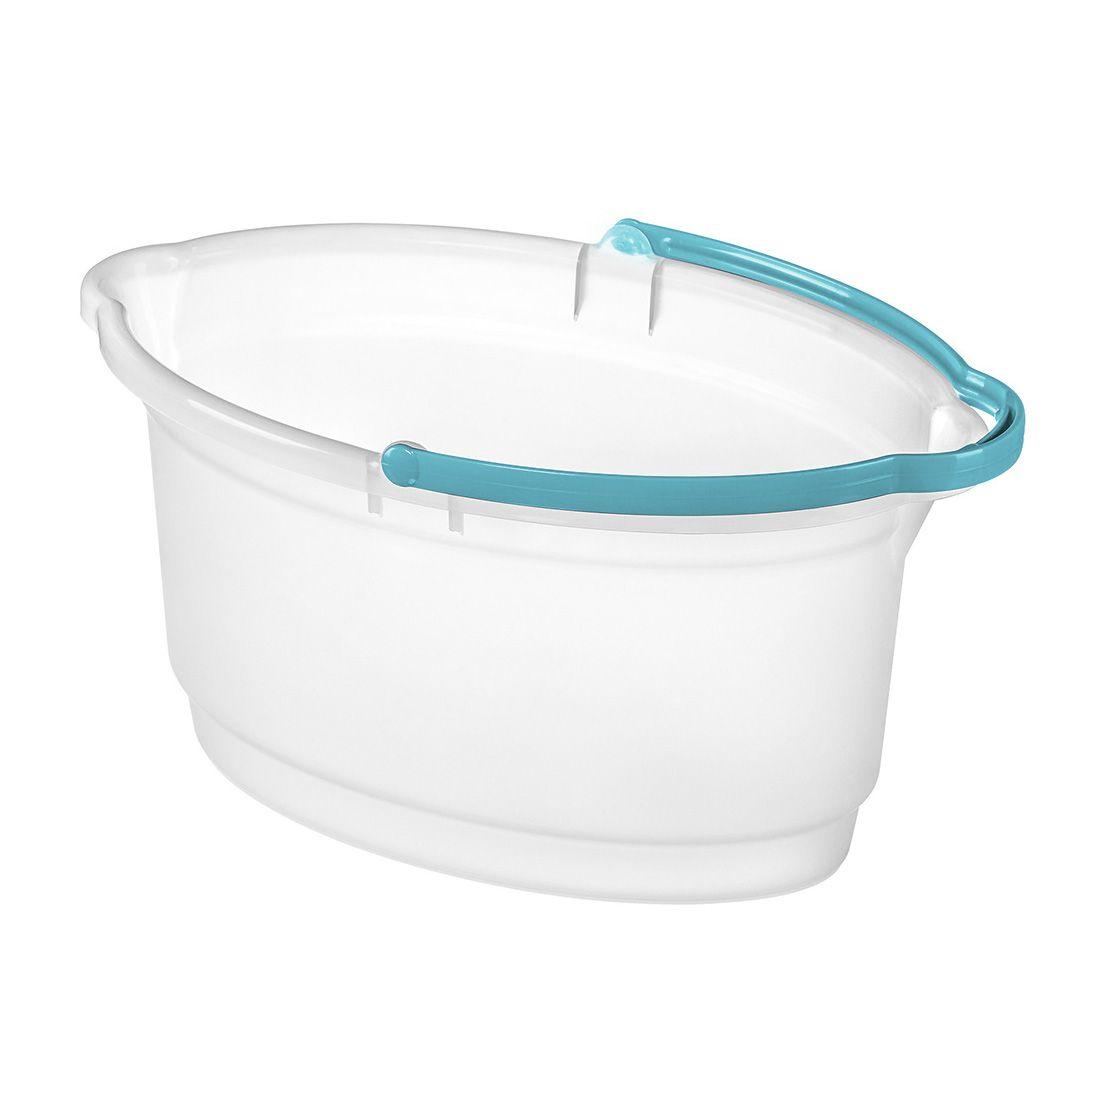 Balde para Limpeza Oval de Plástico Cristal Sanremo 14L